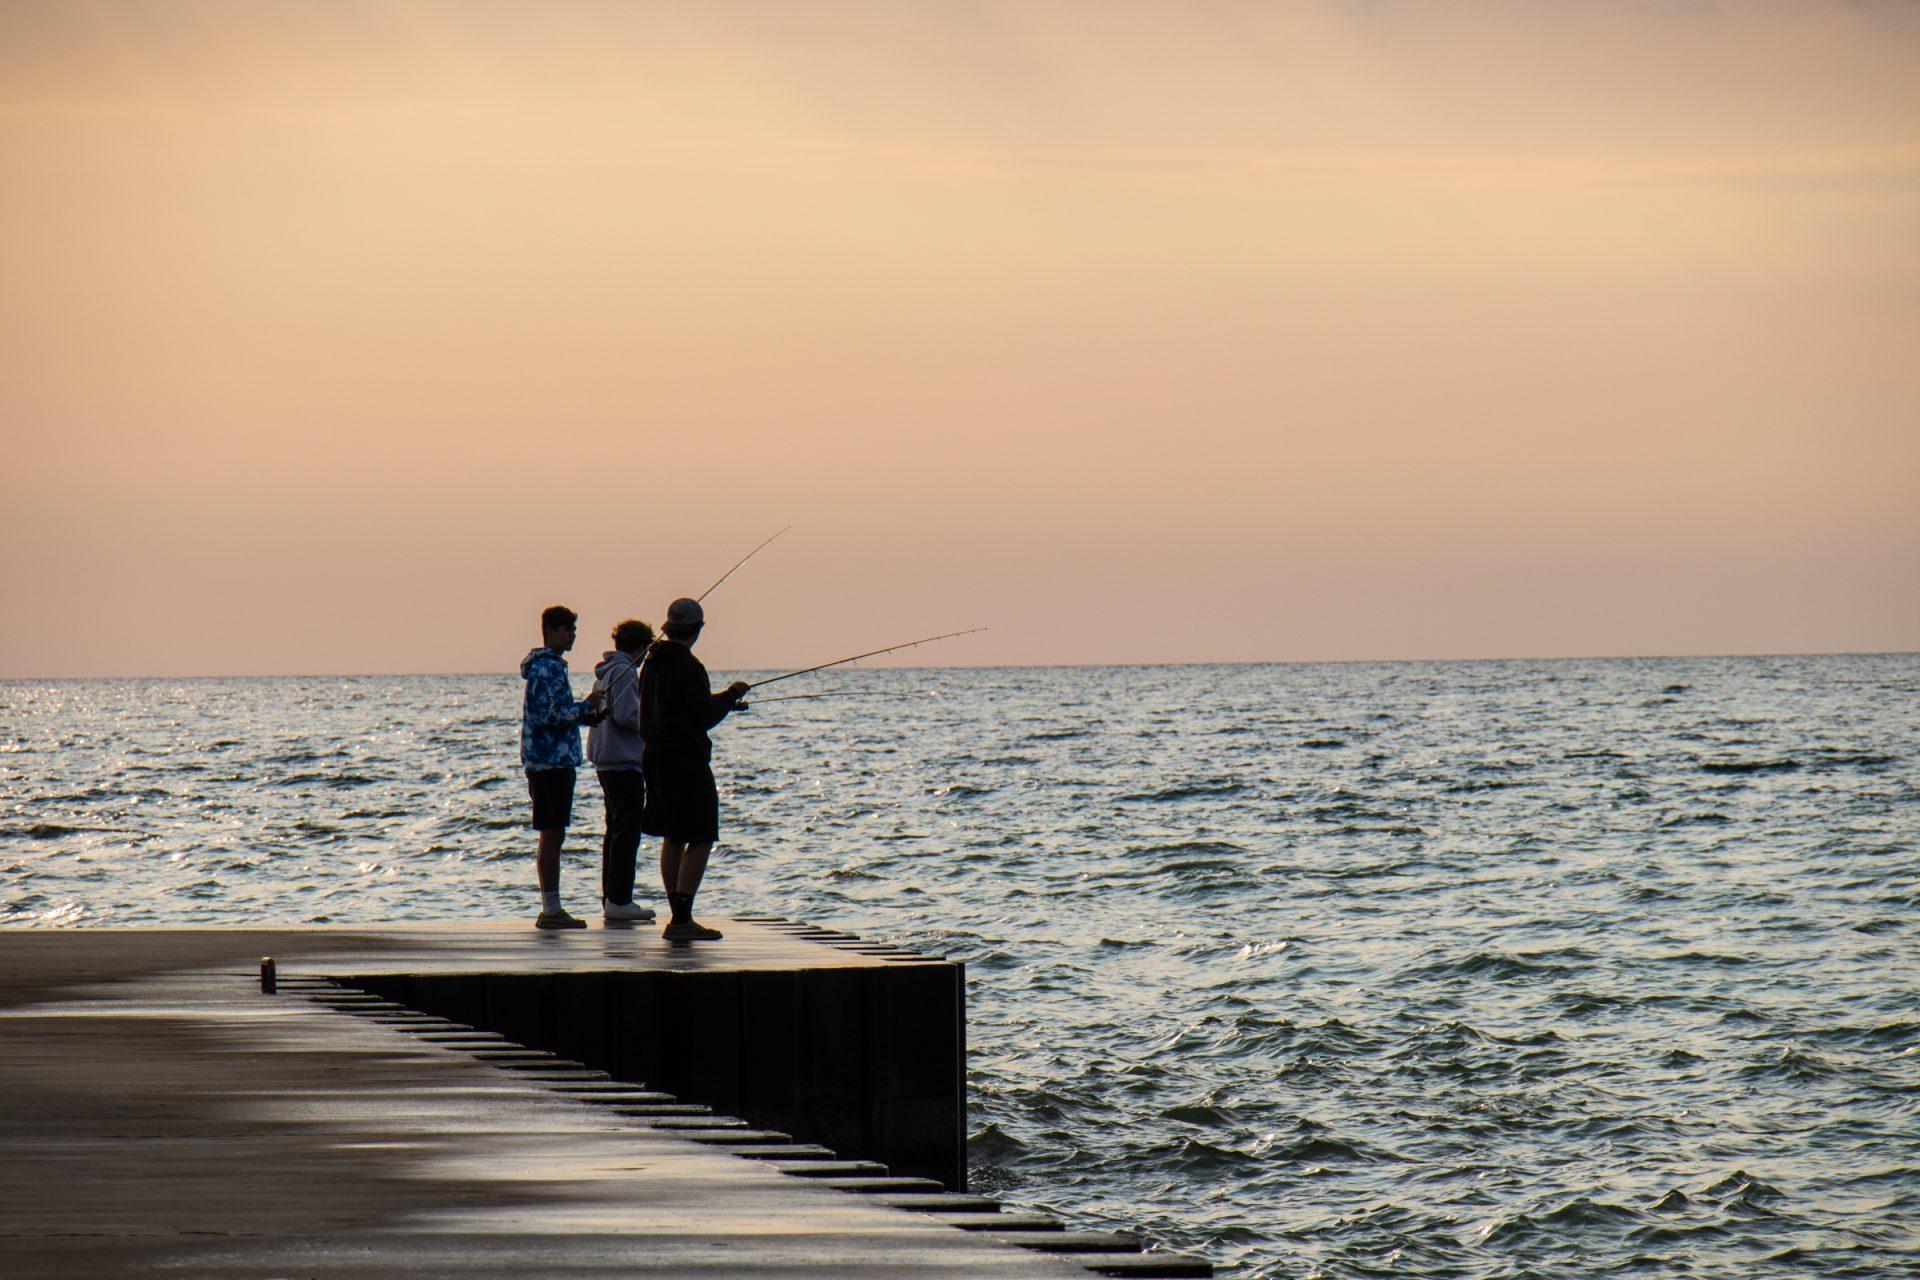 Three Men Fishing On Dock